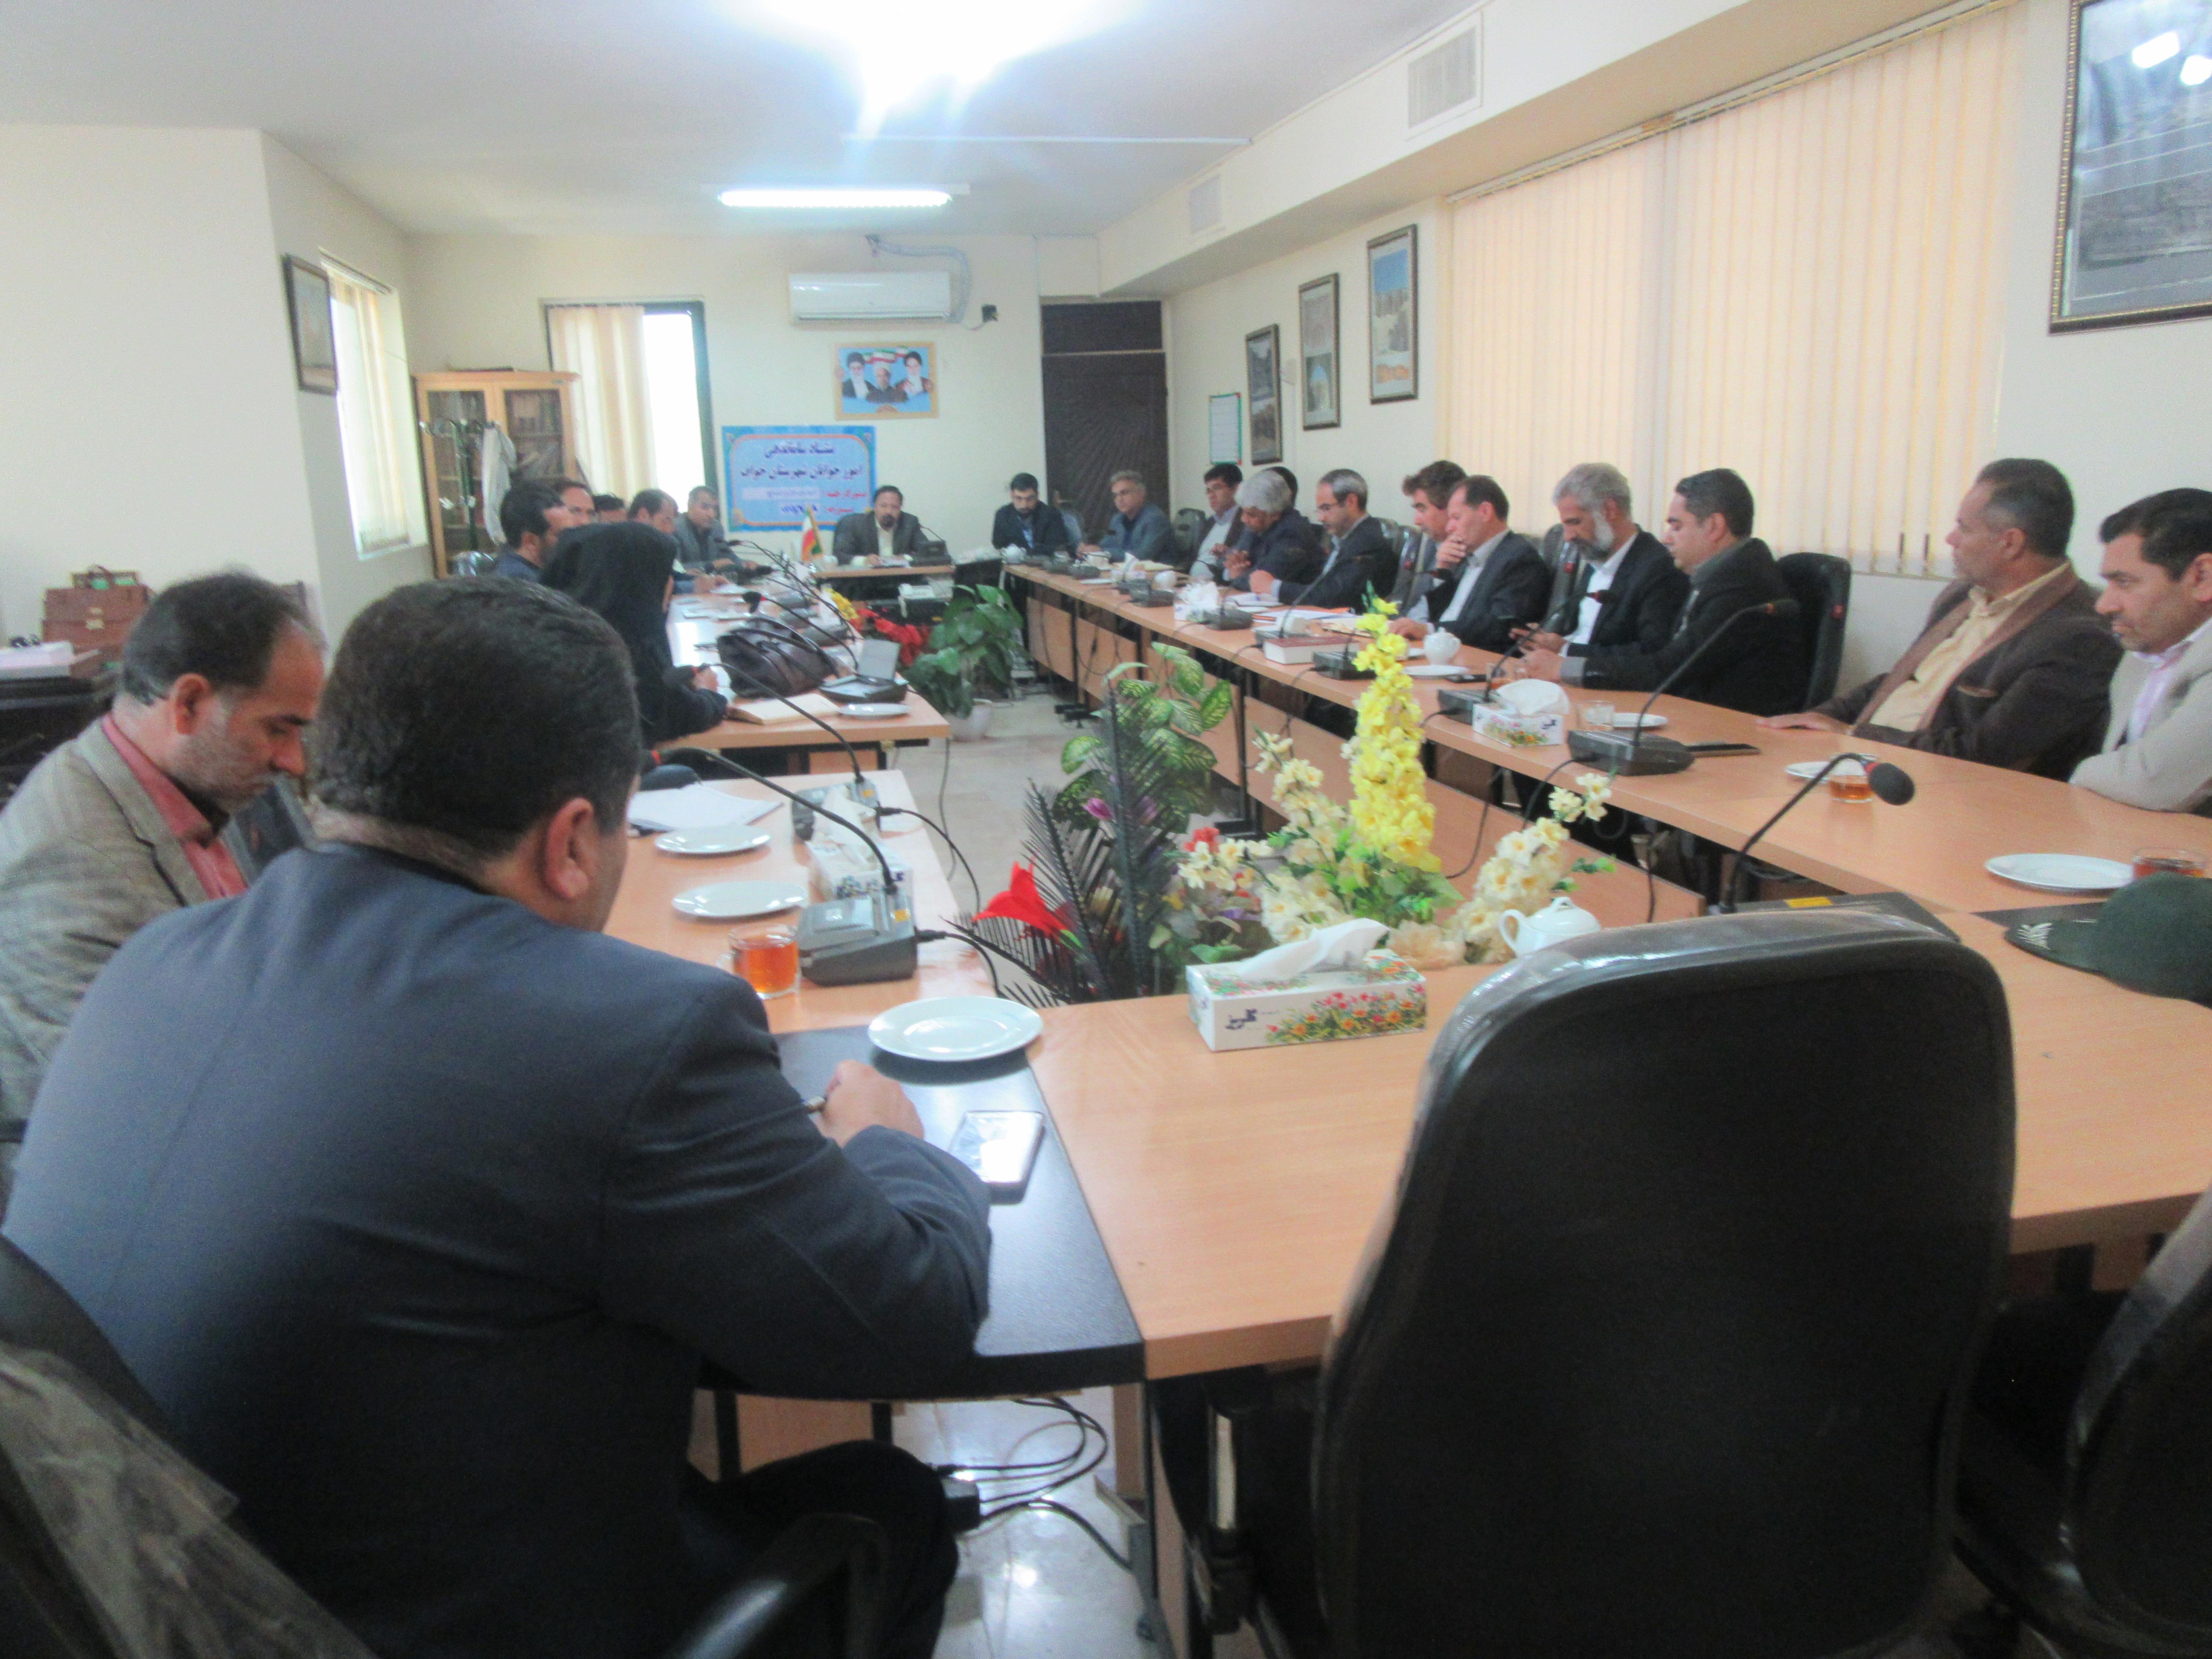 برگزاری جلسه ستاد ساماندهی امور جوانان شهرستان خواف